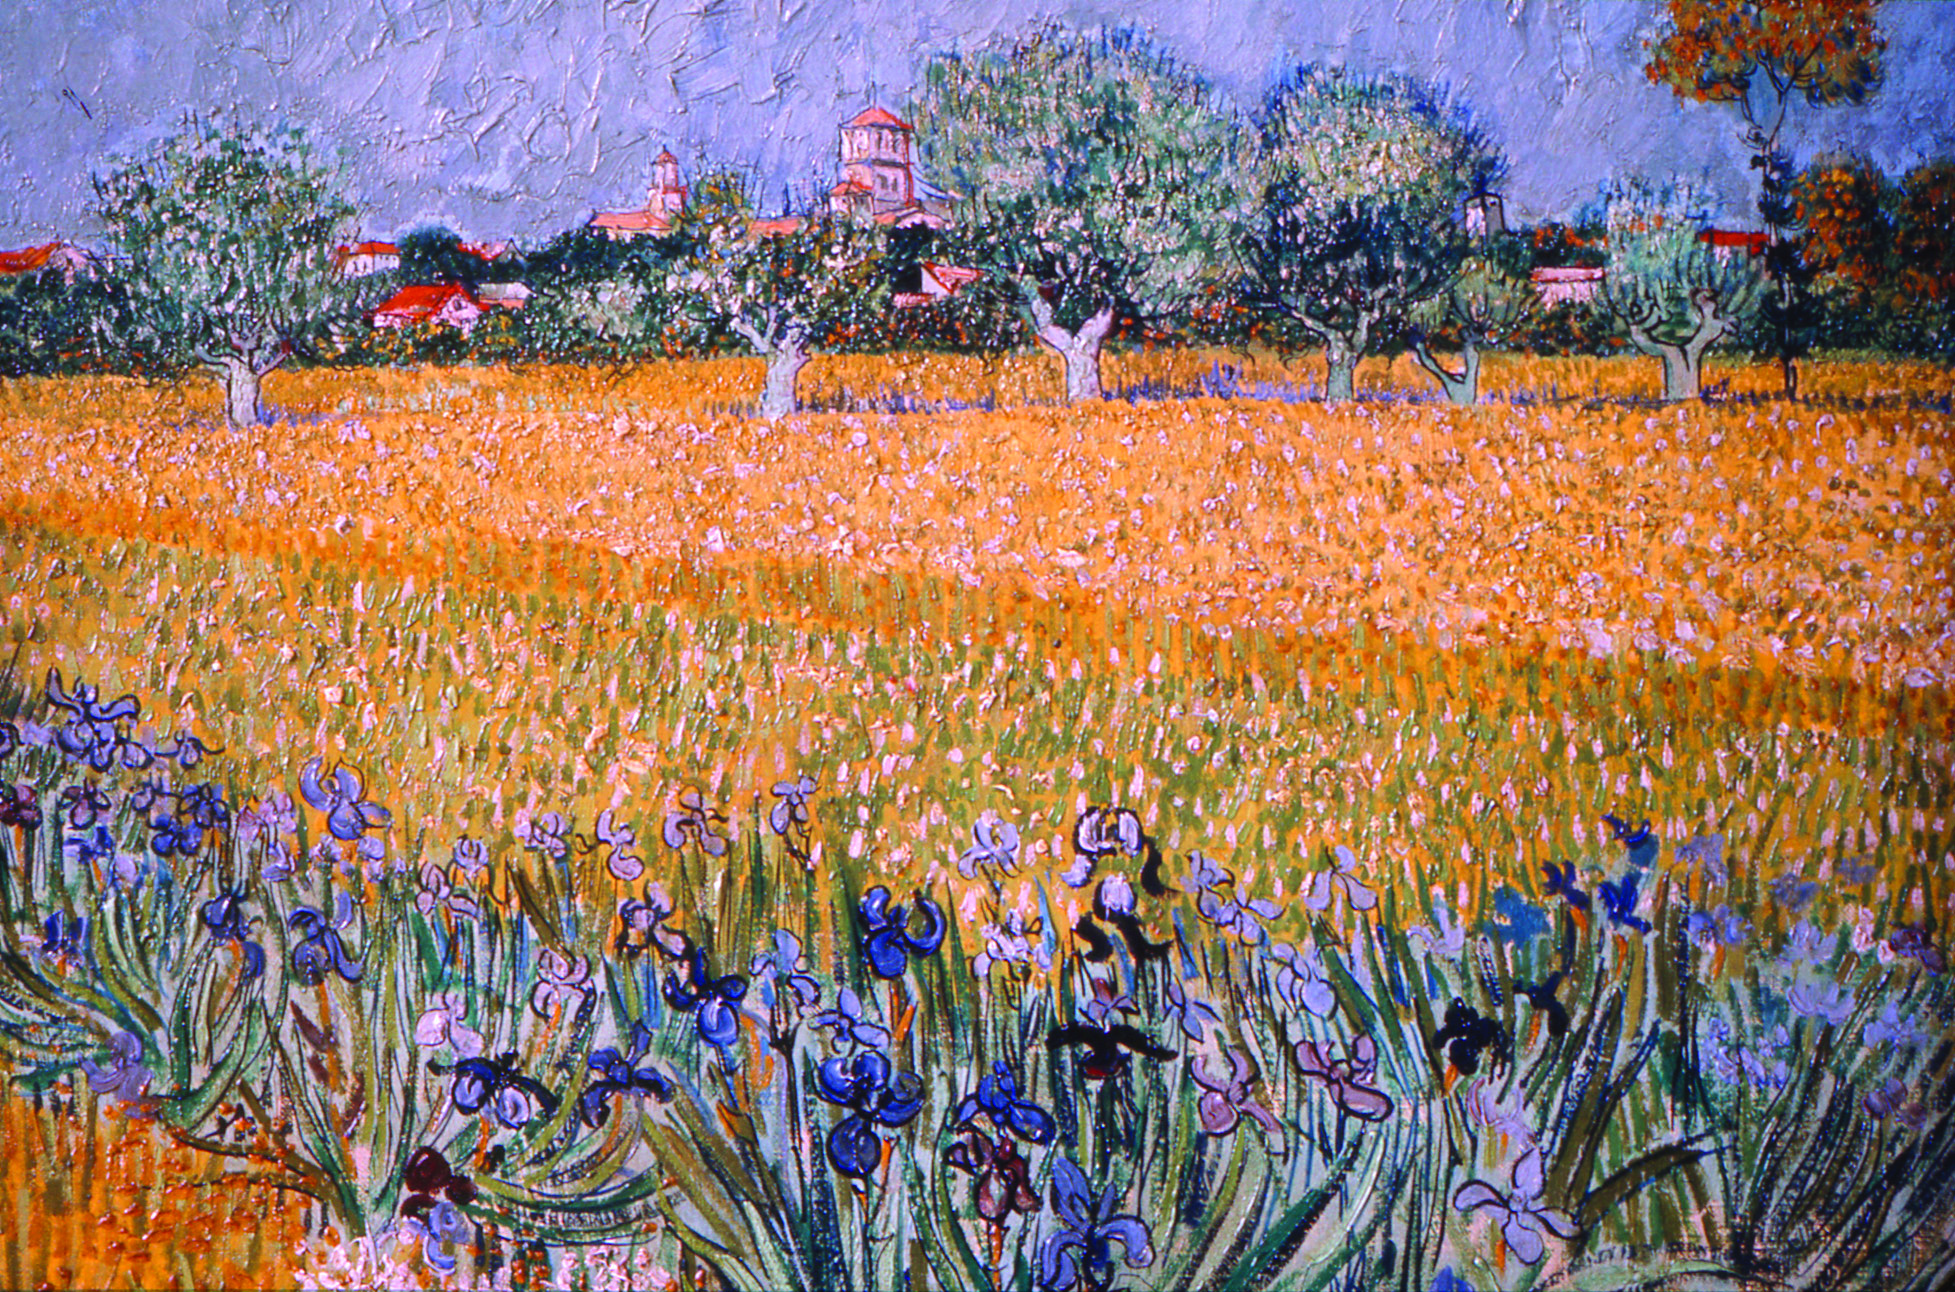 Van-Gogh-Field-with-Flowers